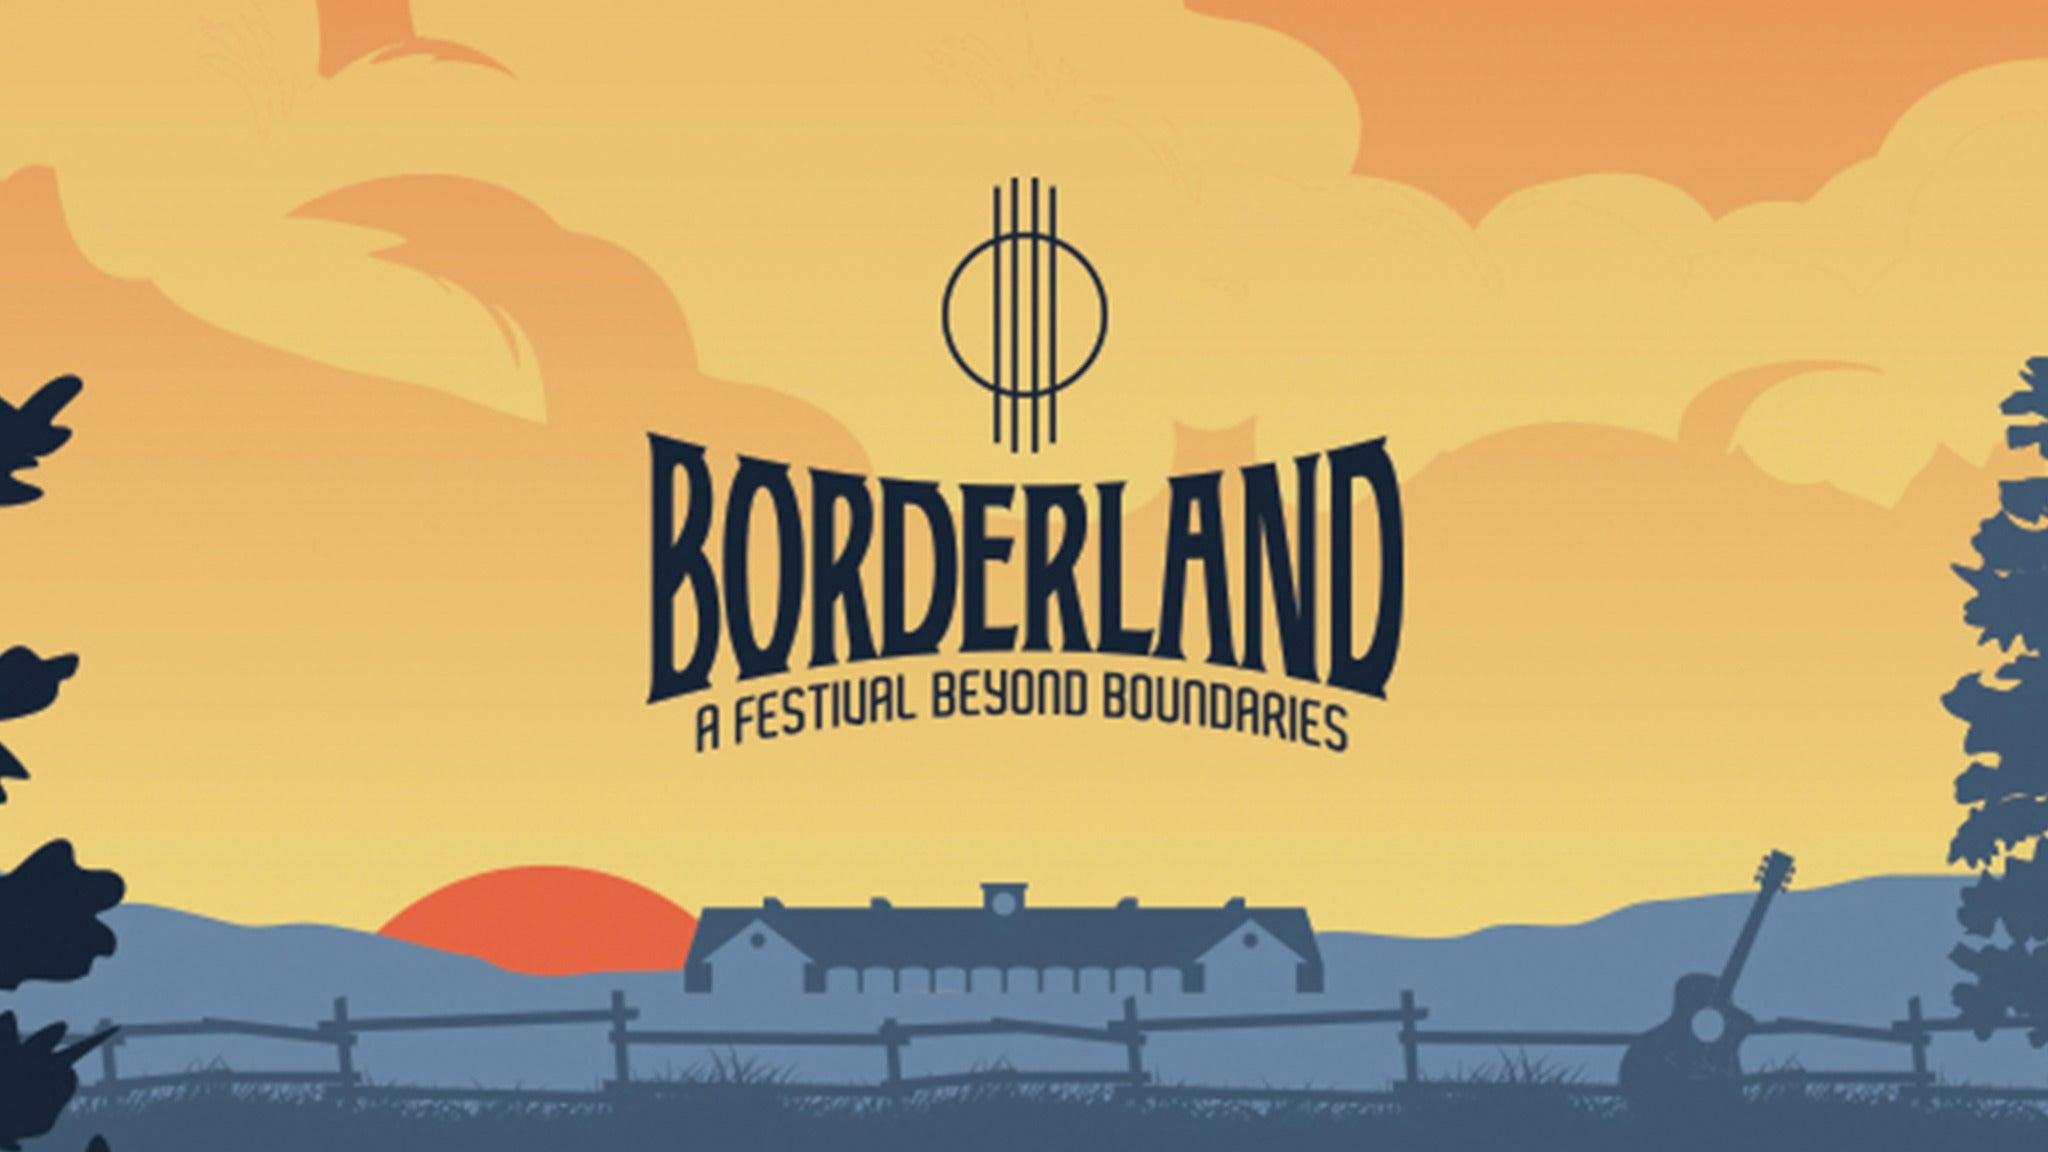 Borderland Festival